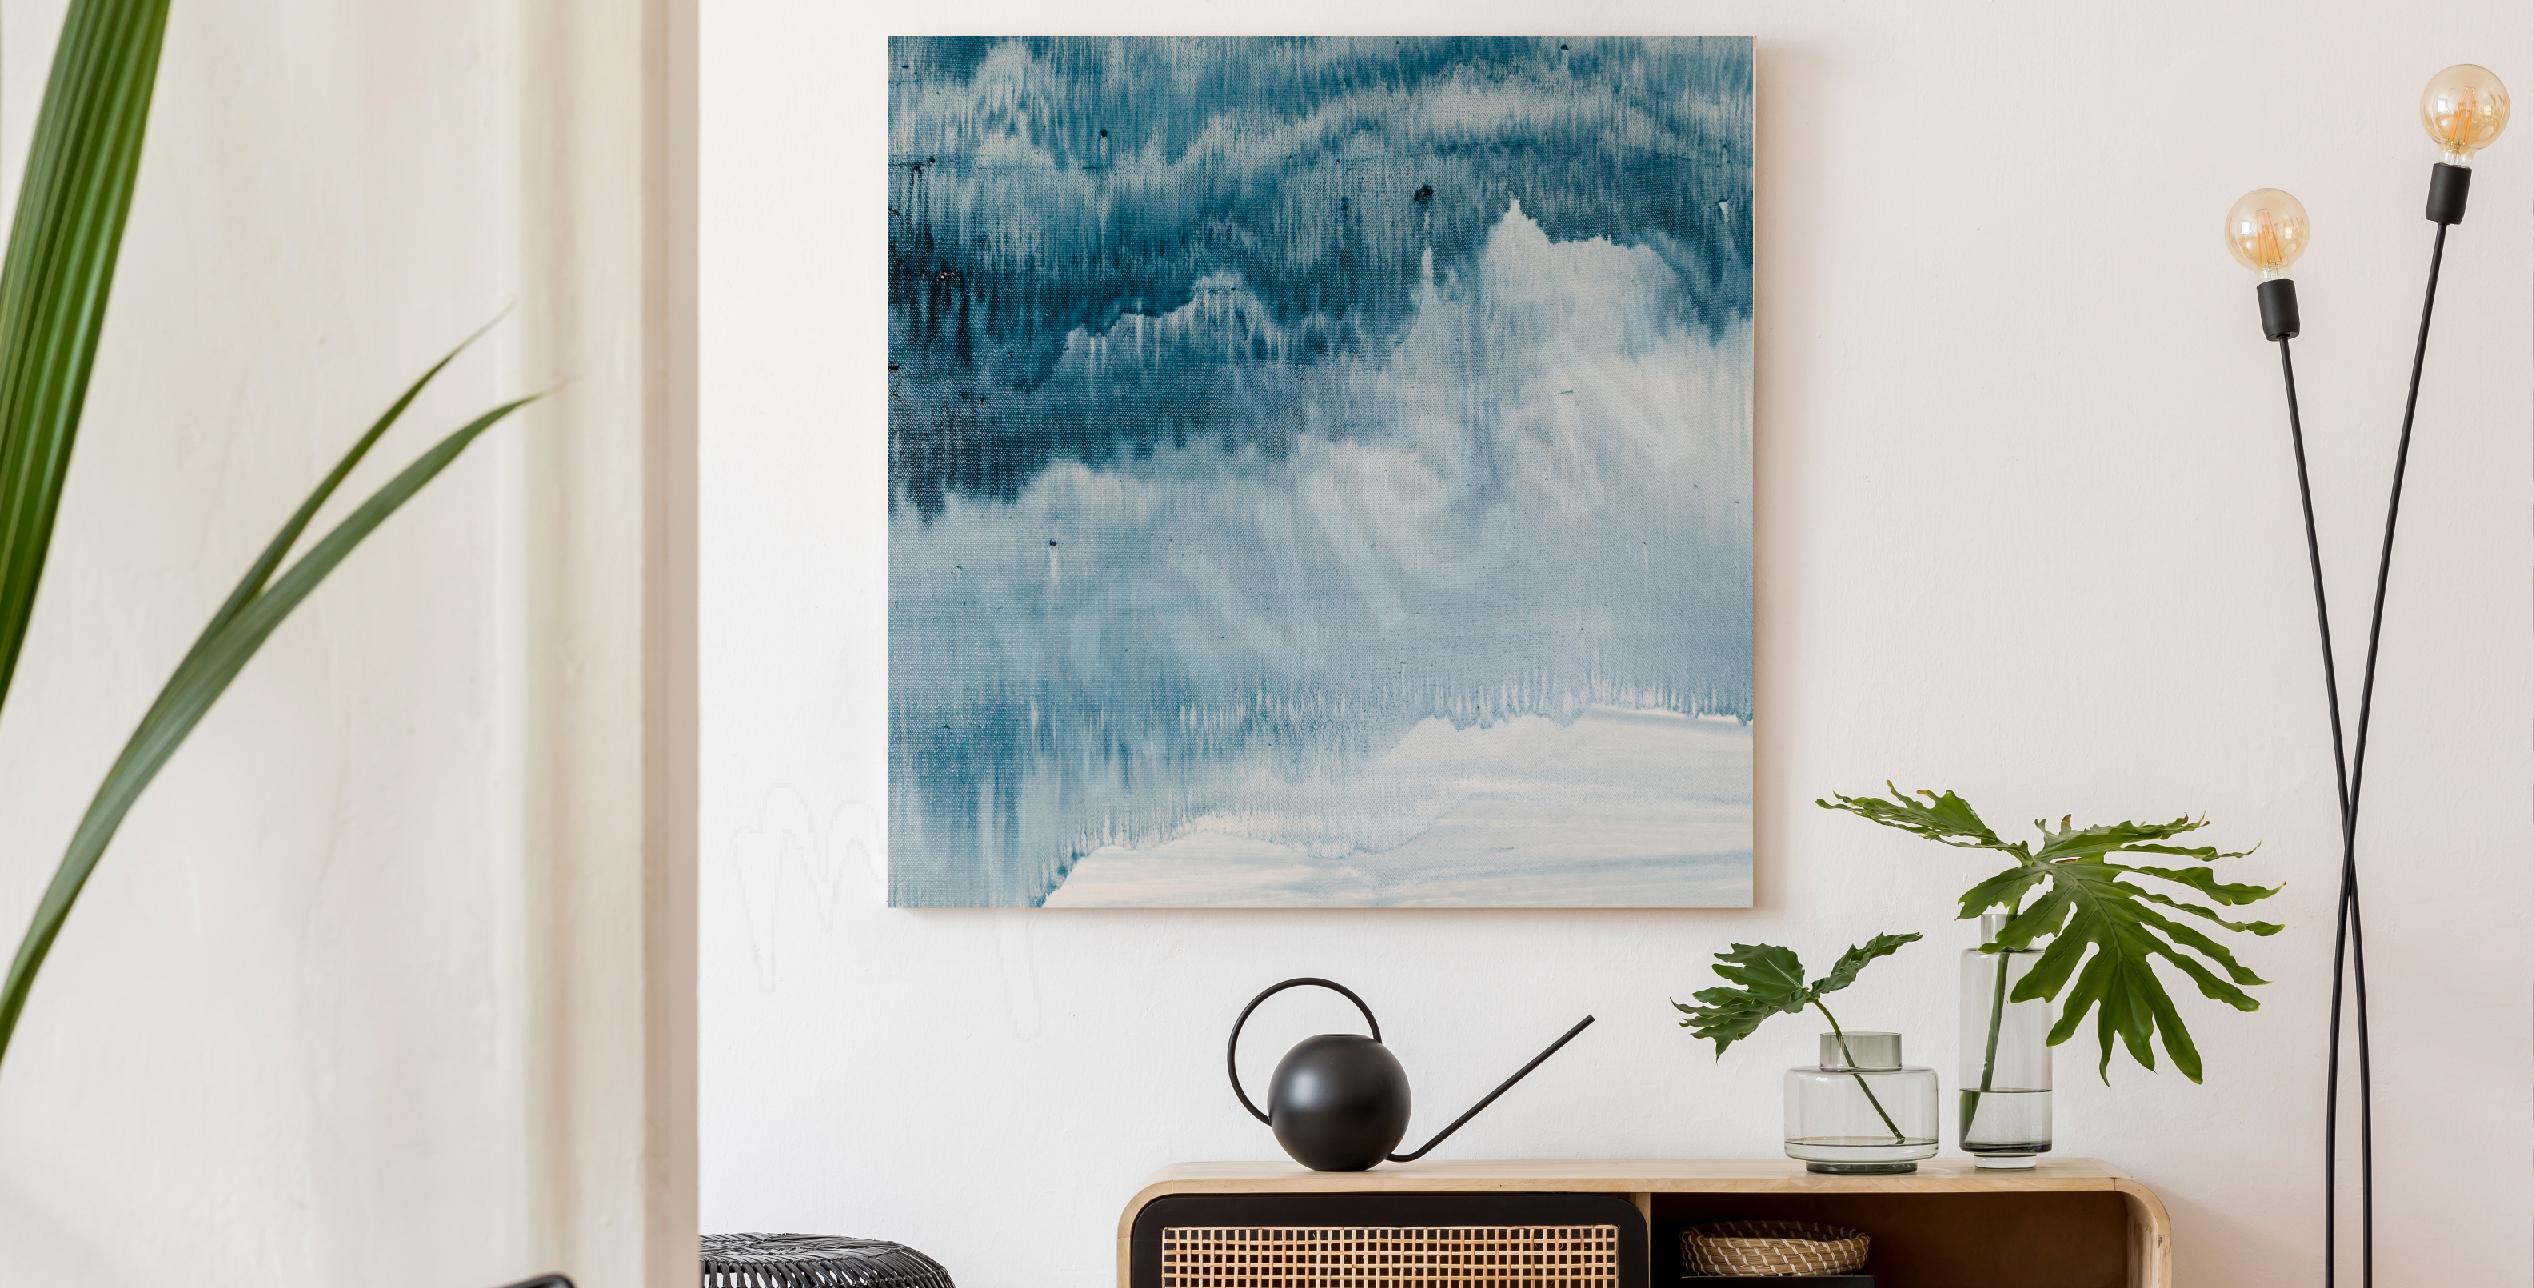 Image peinture abstraite